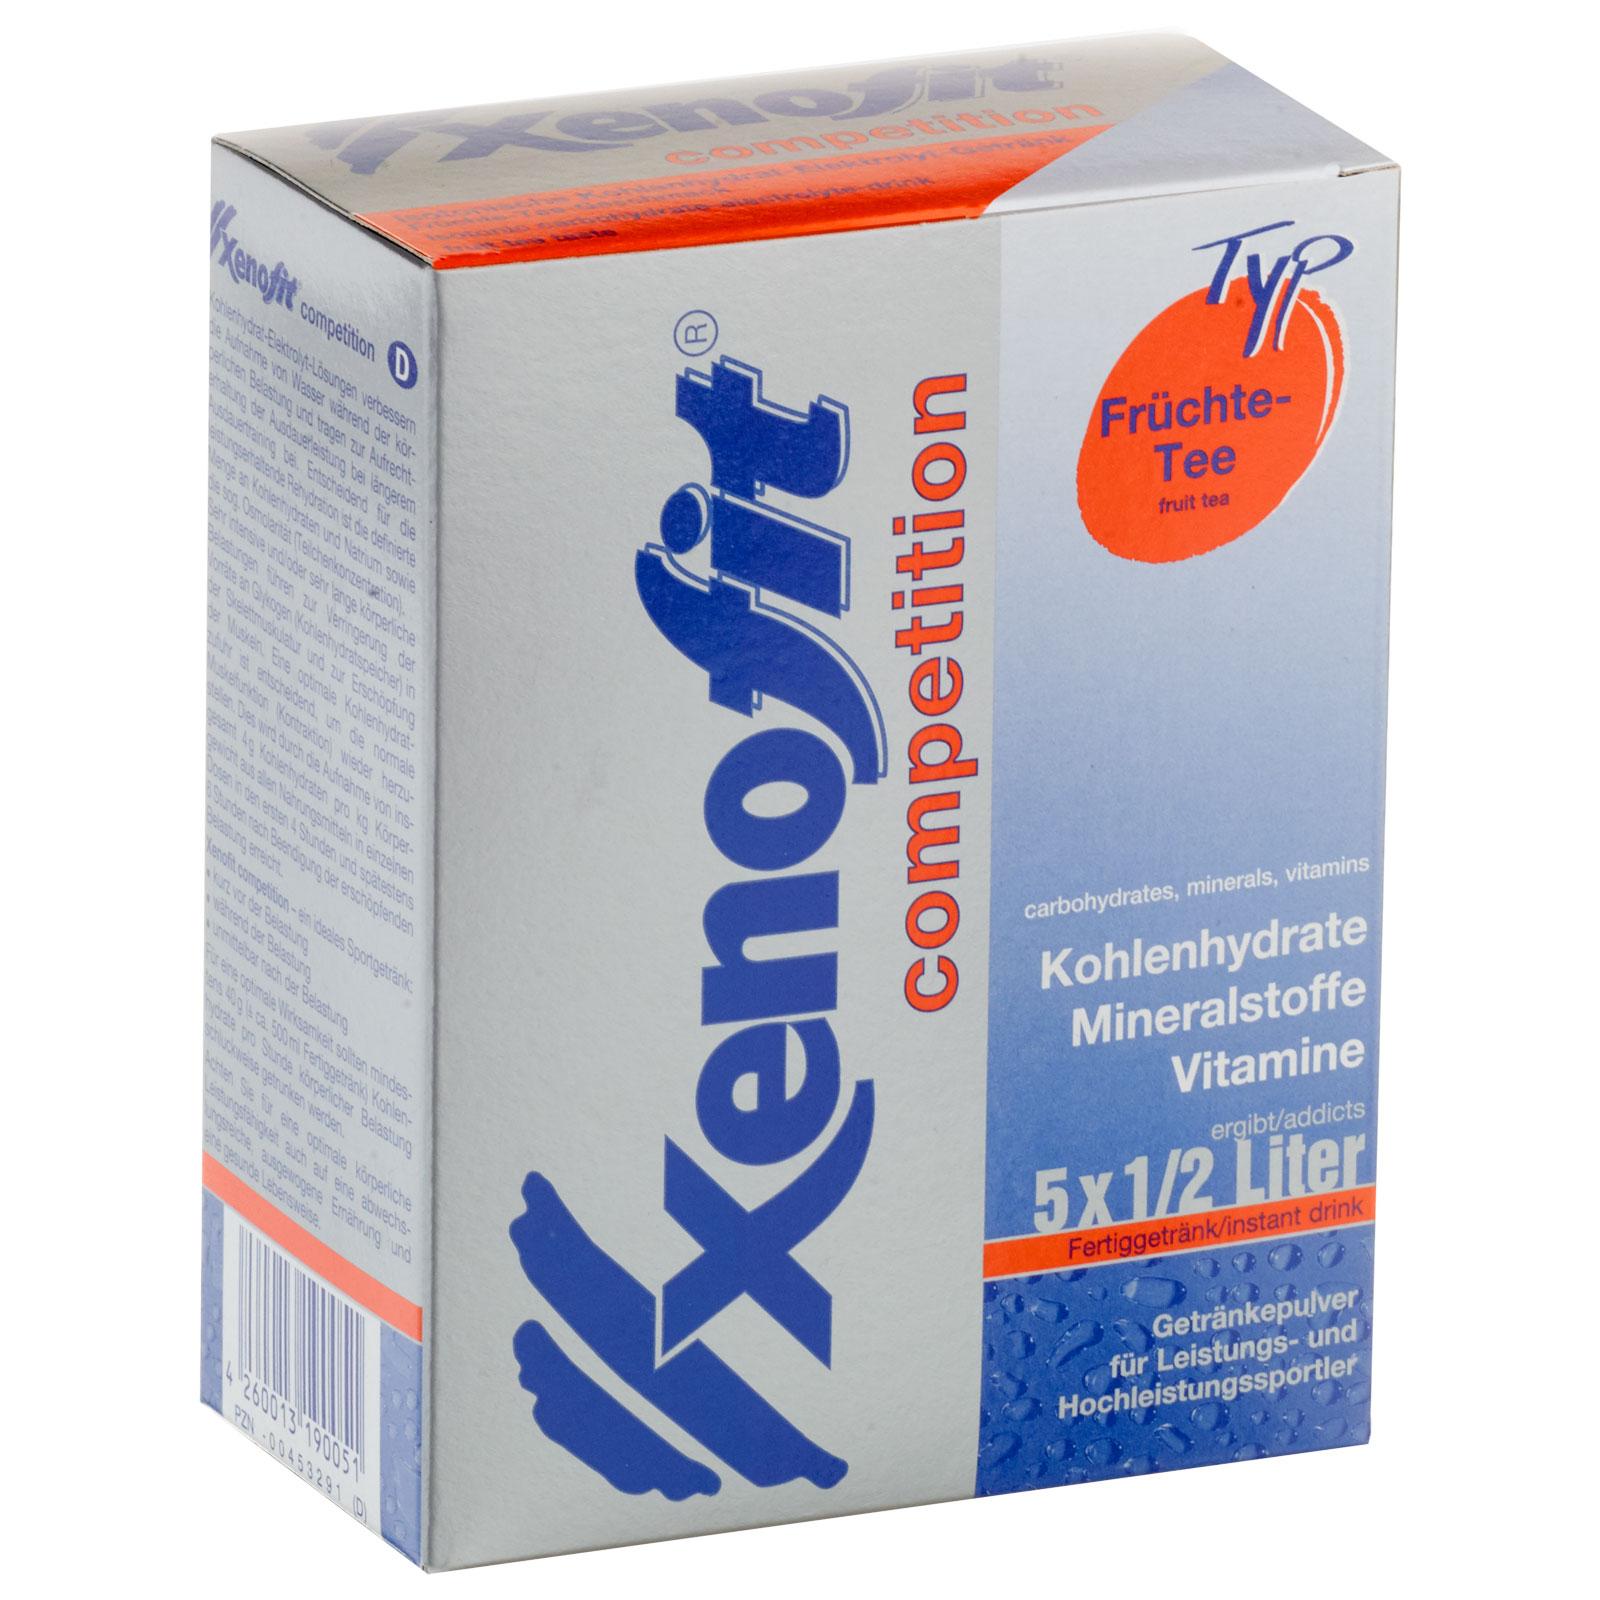 Xenofit Competition Früchte-Tee - Isotonisches Kohlenhydrat-Getränk - 5x43g